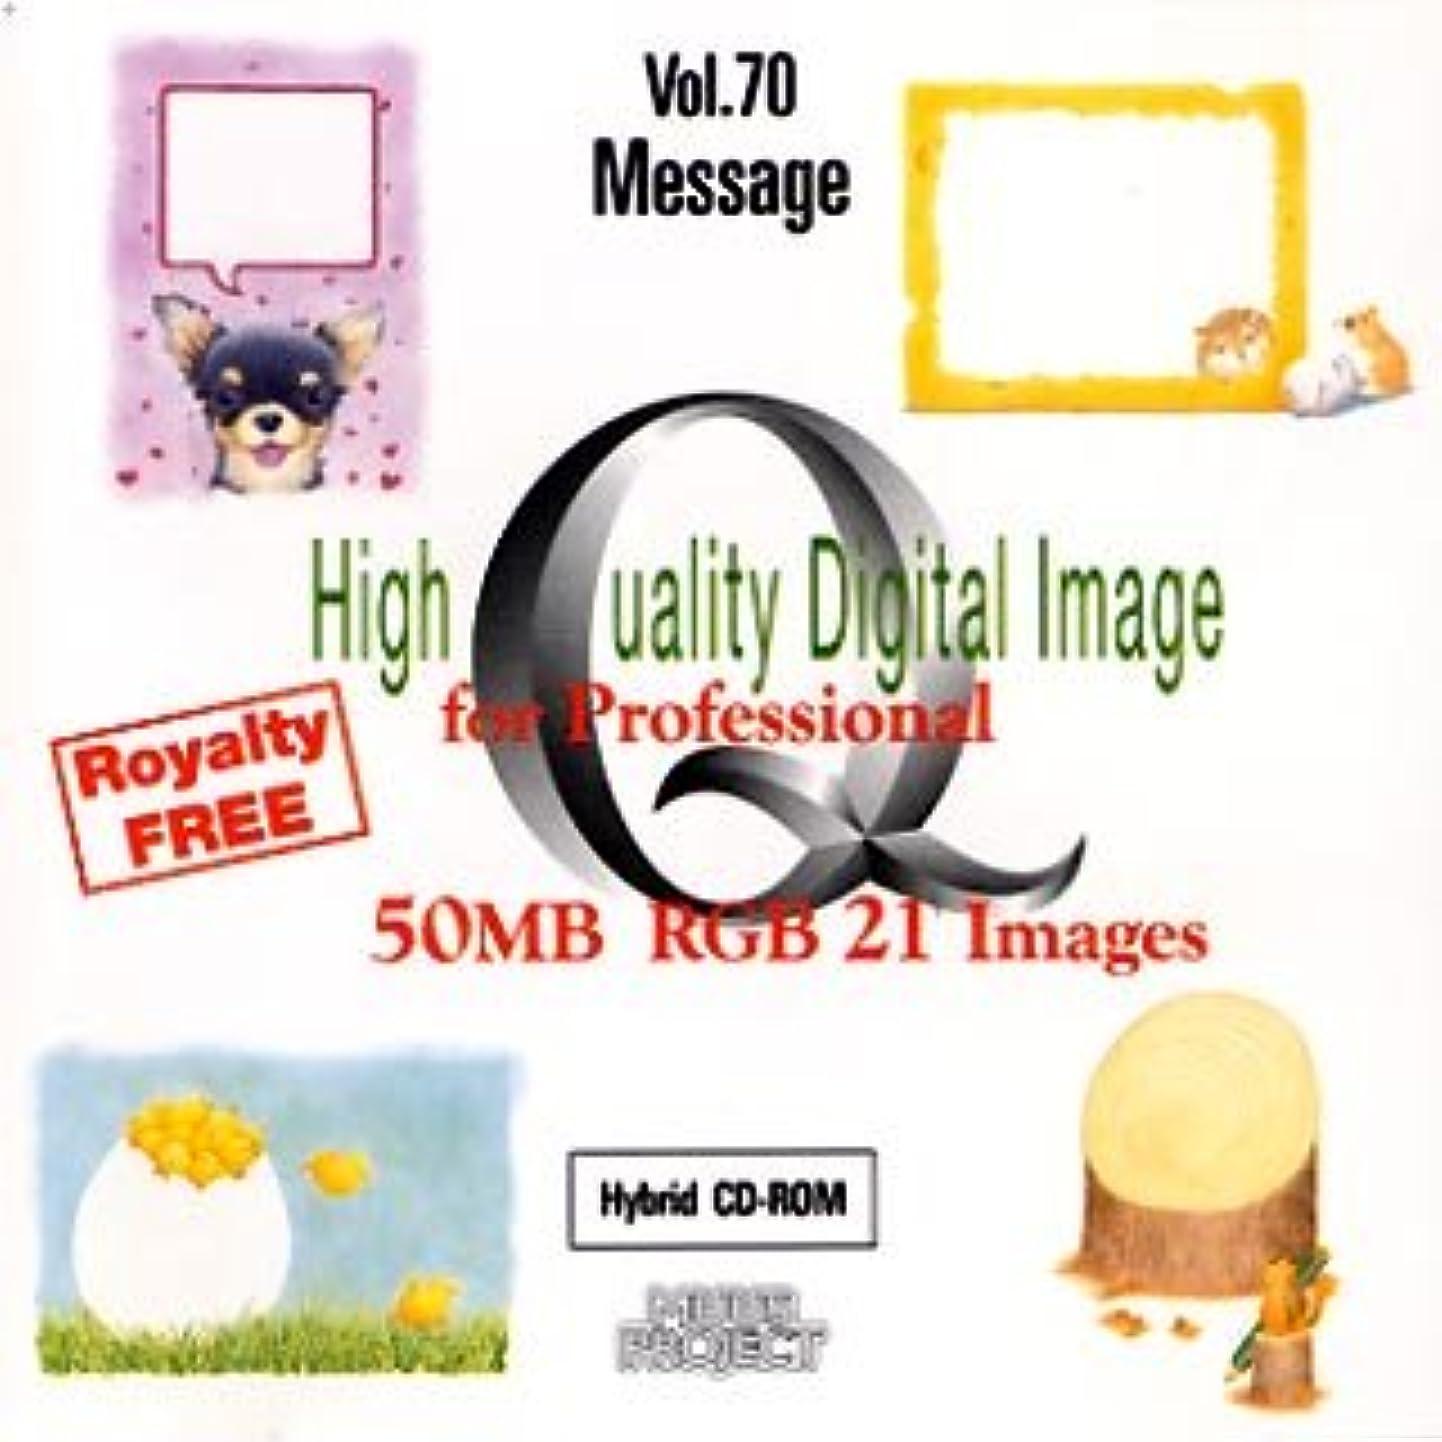 センサー昼間多分High Quality Digital Image for Professional Vol.70 Message